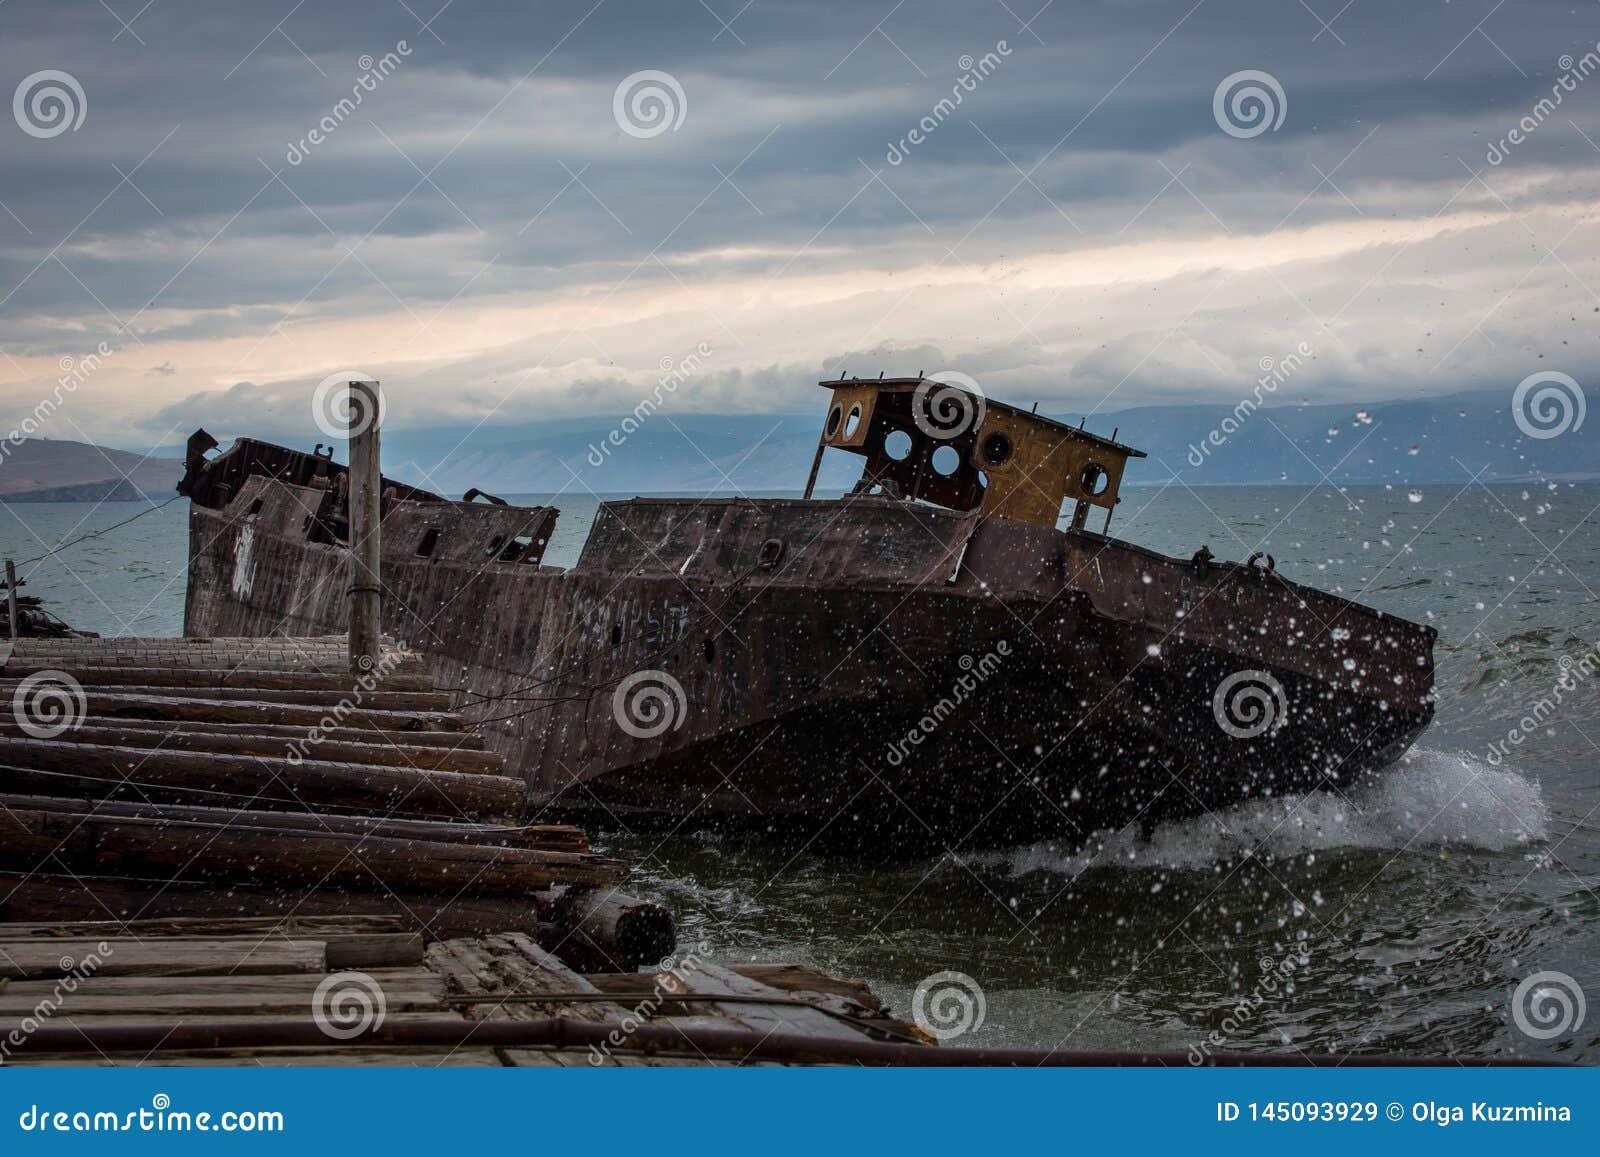 Navio velho, oxidado perto do cais As ondas grandes inundam a plataforma Noite nebulosa do ver